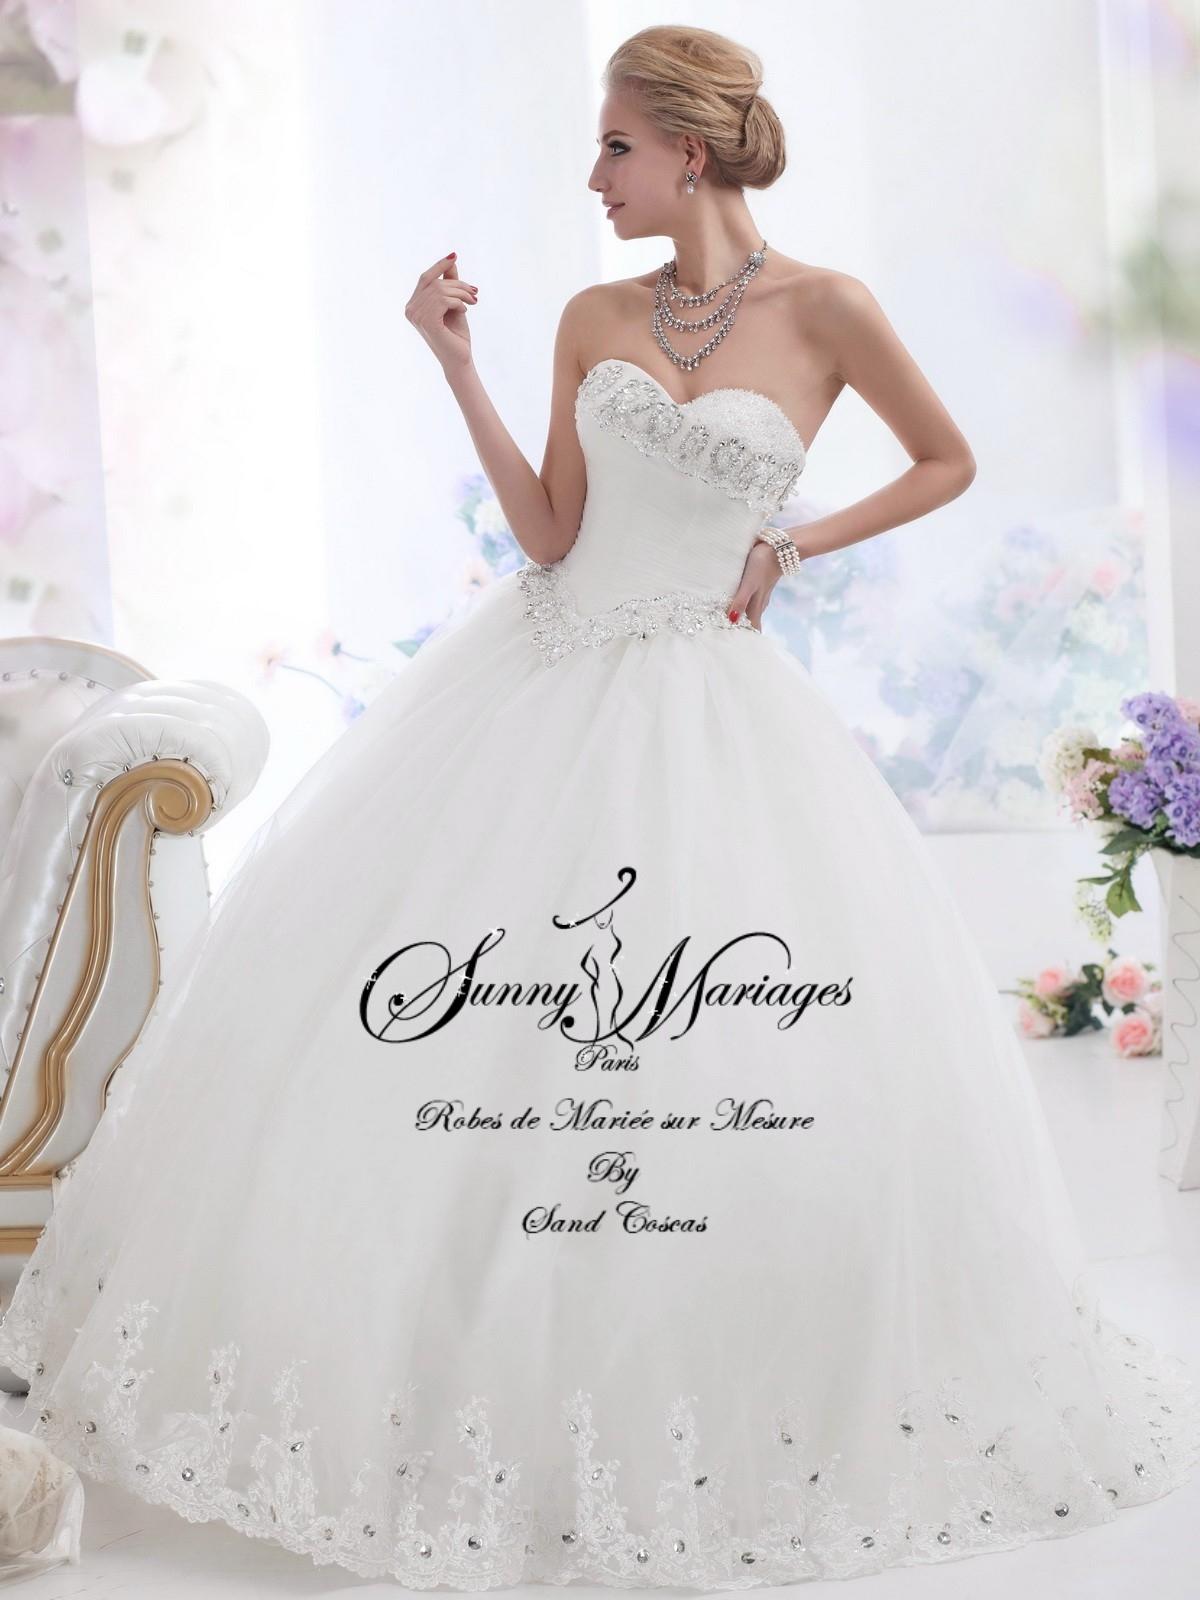 Robe de mariee princesse sur mesure et pas cher  Sunny Mariage